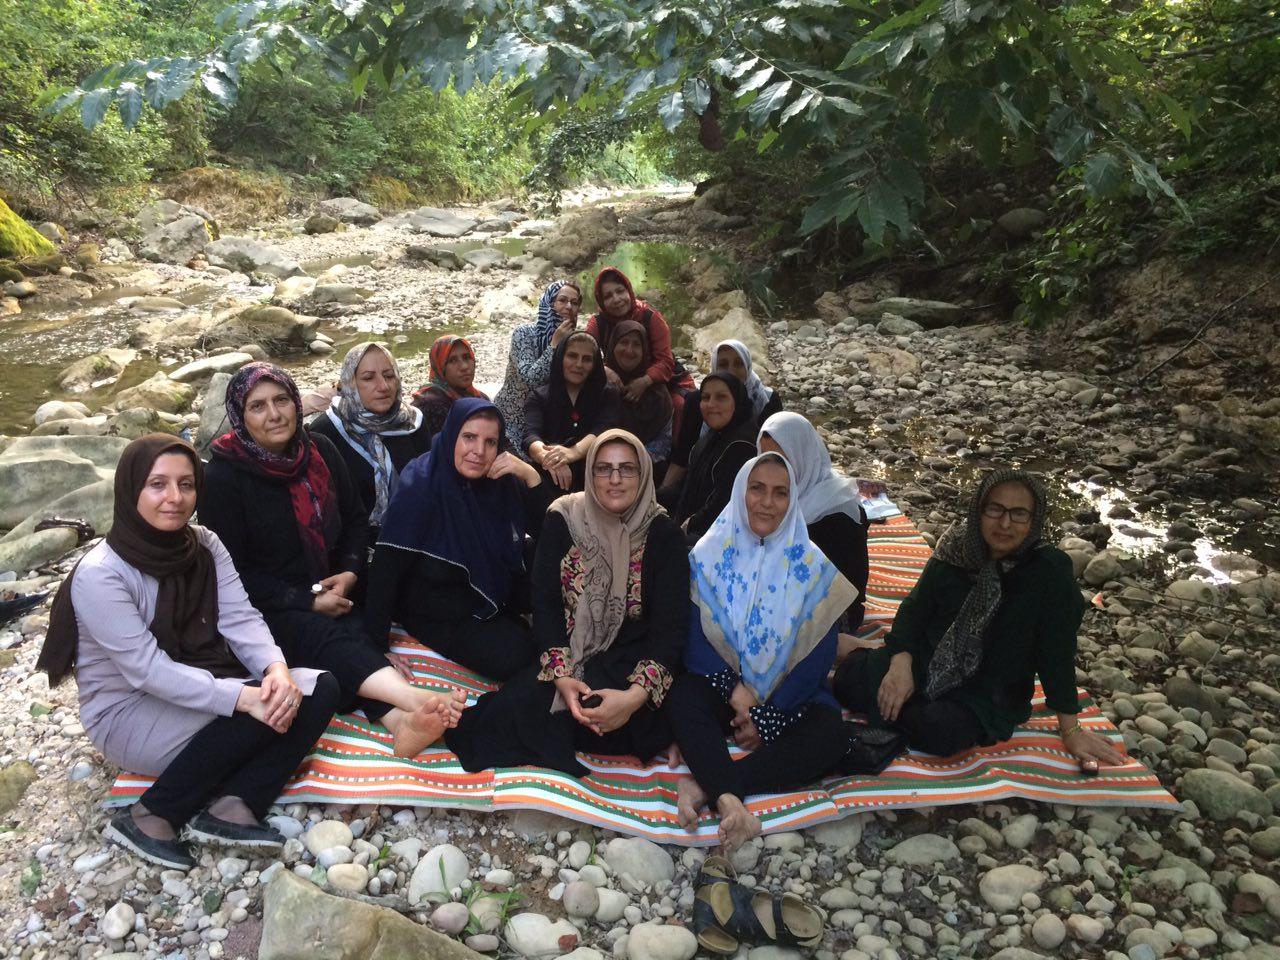 اردوی طبیعت نشینی در  مسیر جنگلی رودخانه شیرگاه   مازندران